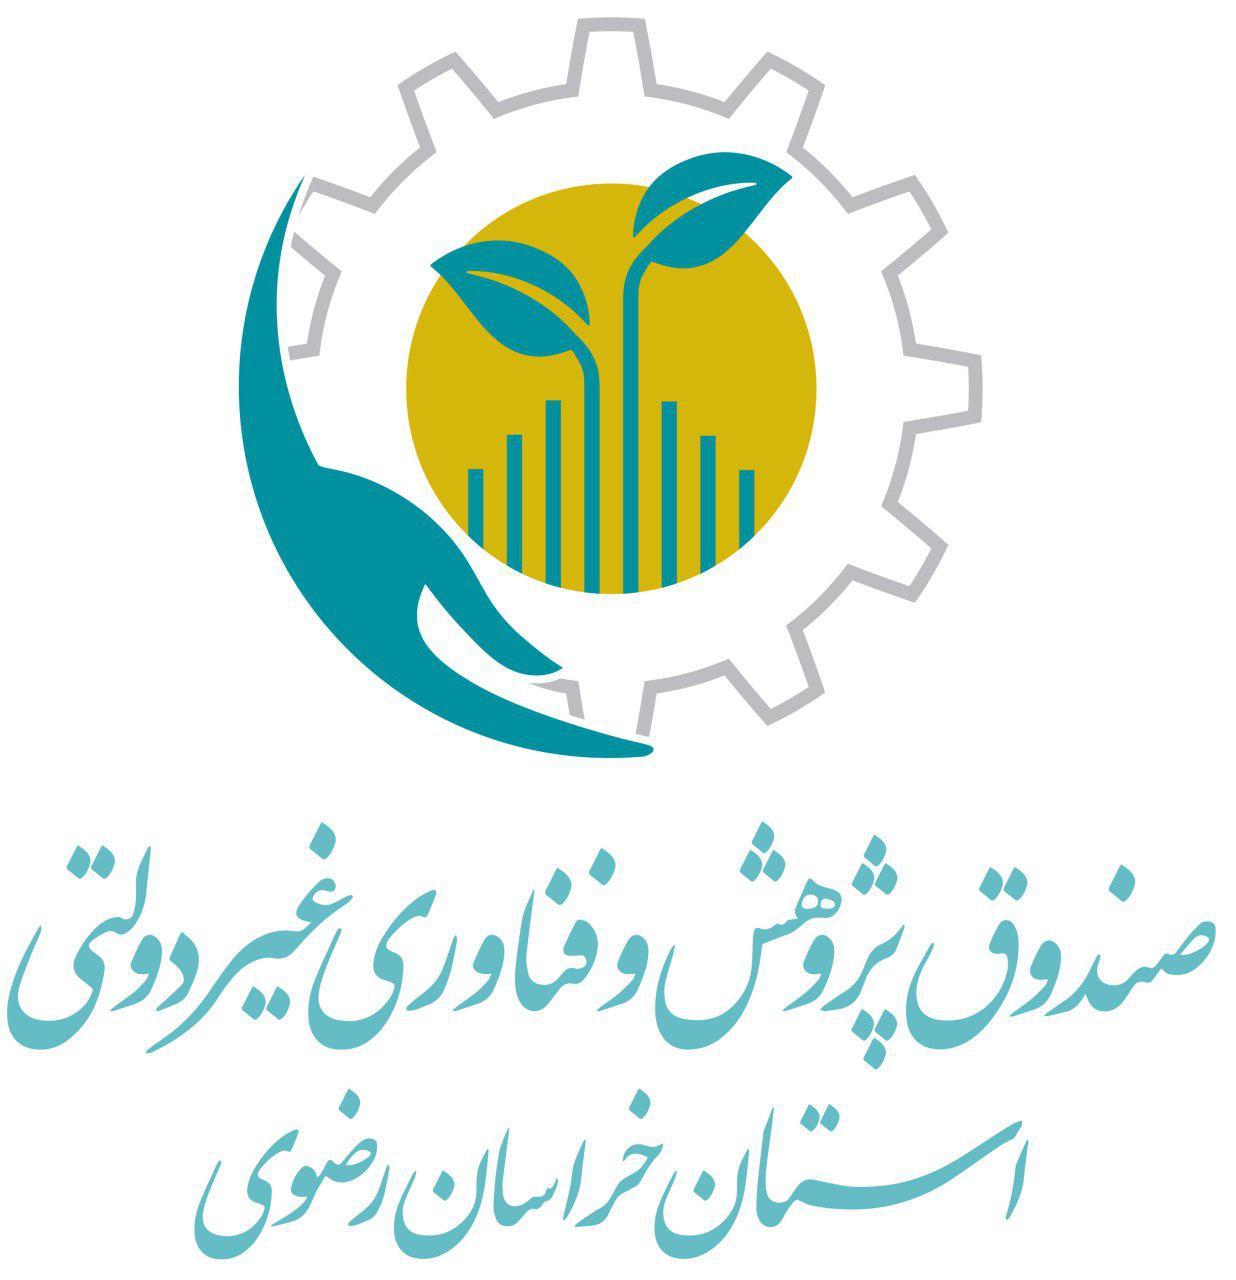 صندوق پژوهش و فناوری استان خراسان